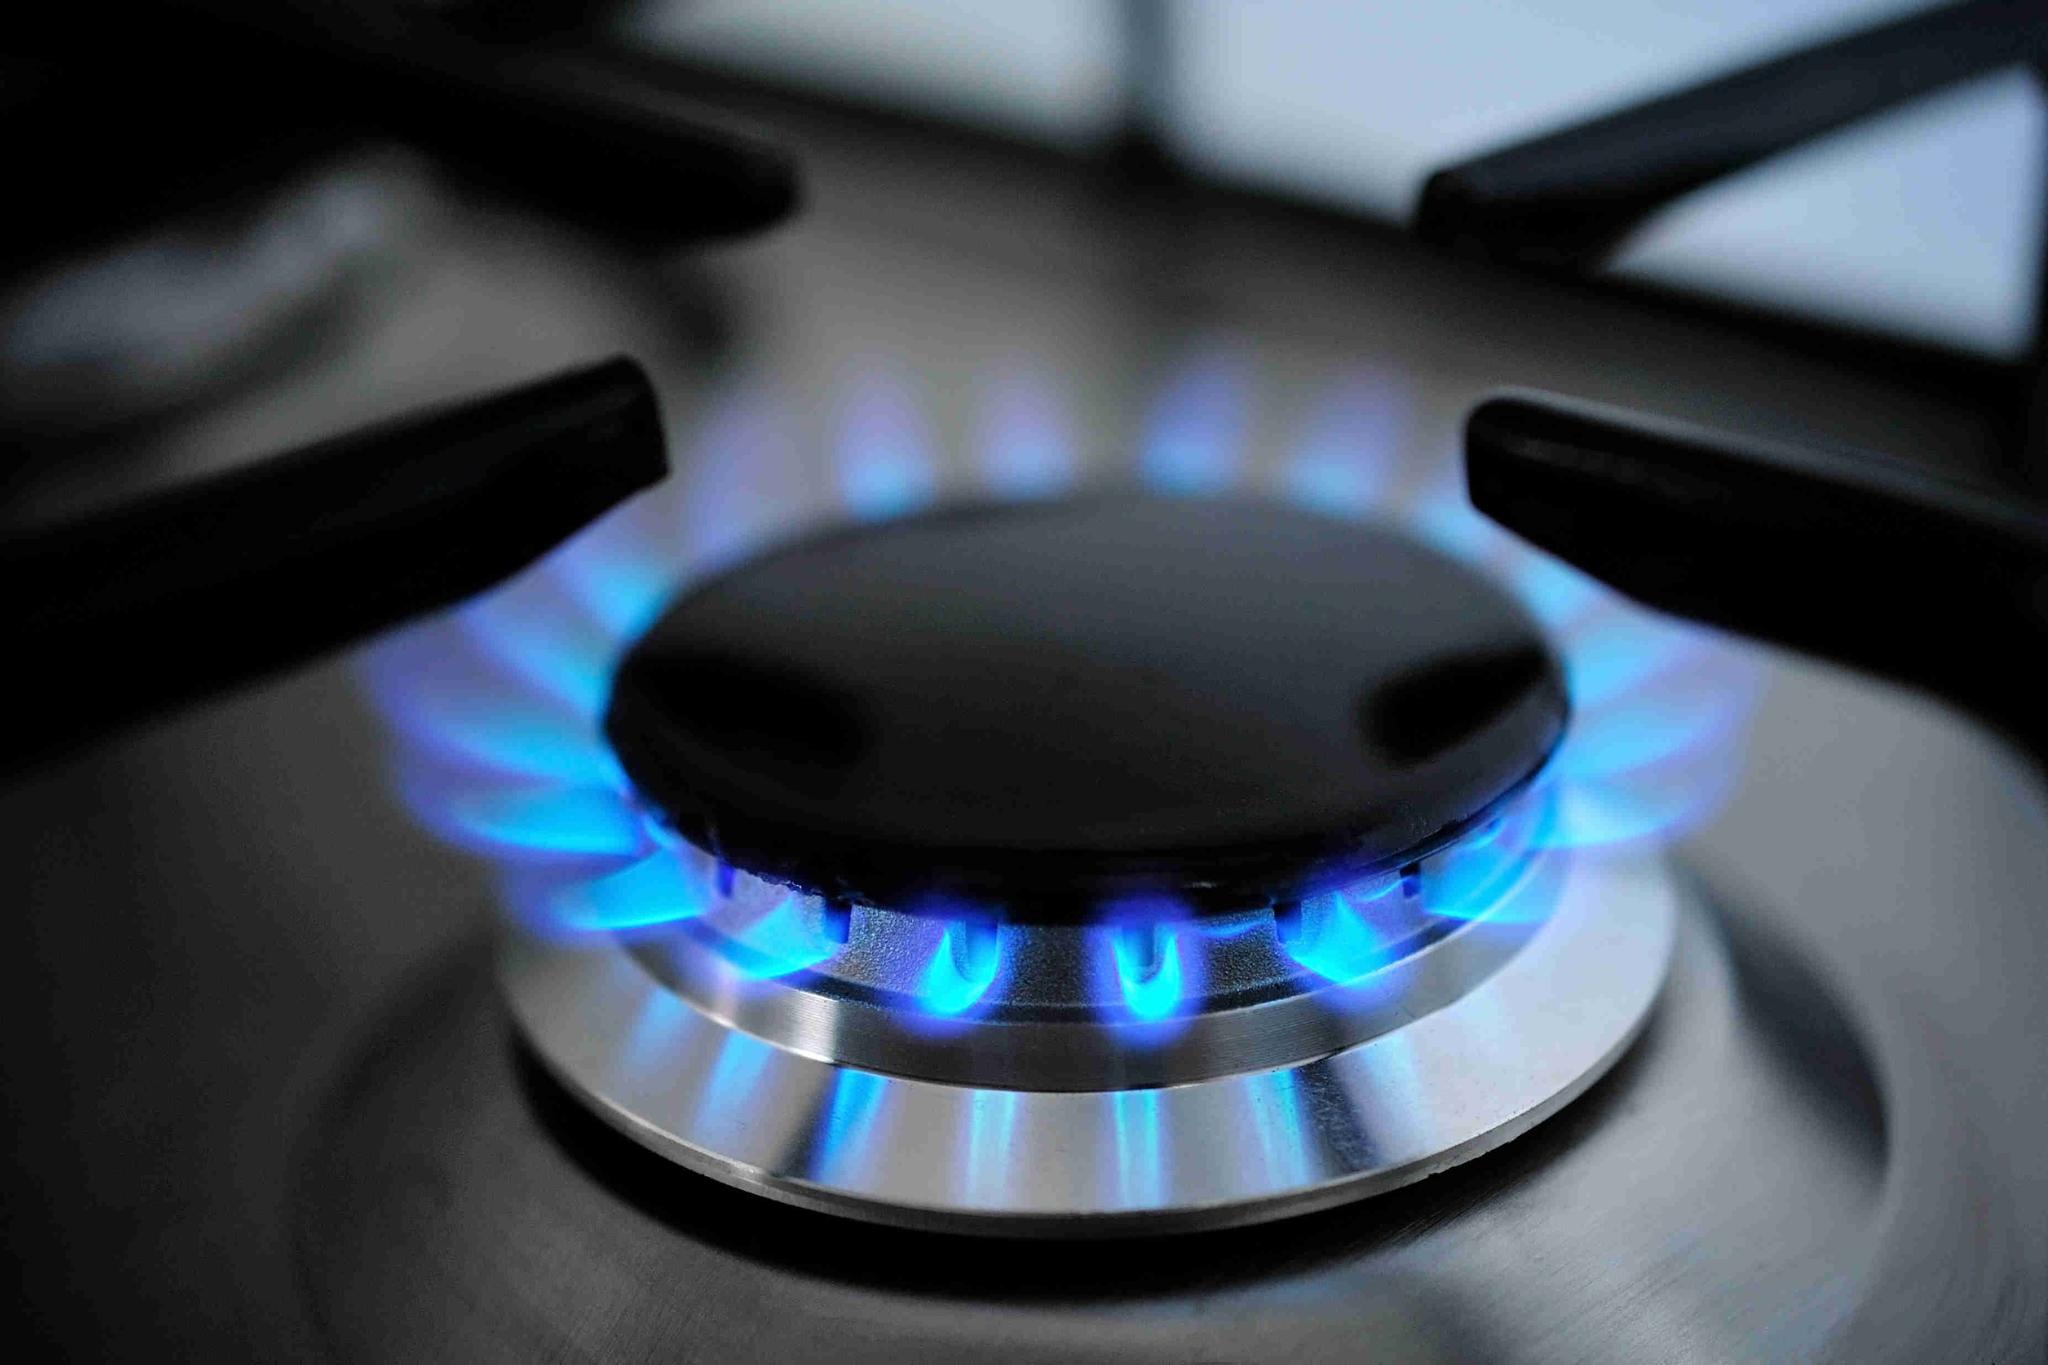 blog-image-gas-cooking-2-dollar-paid.jpg